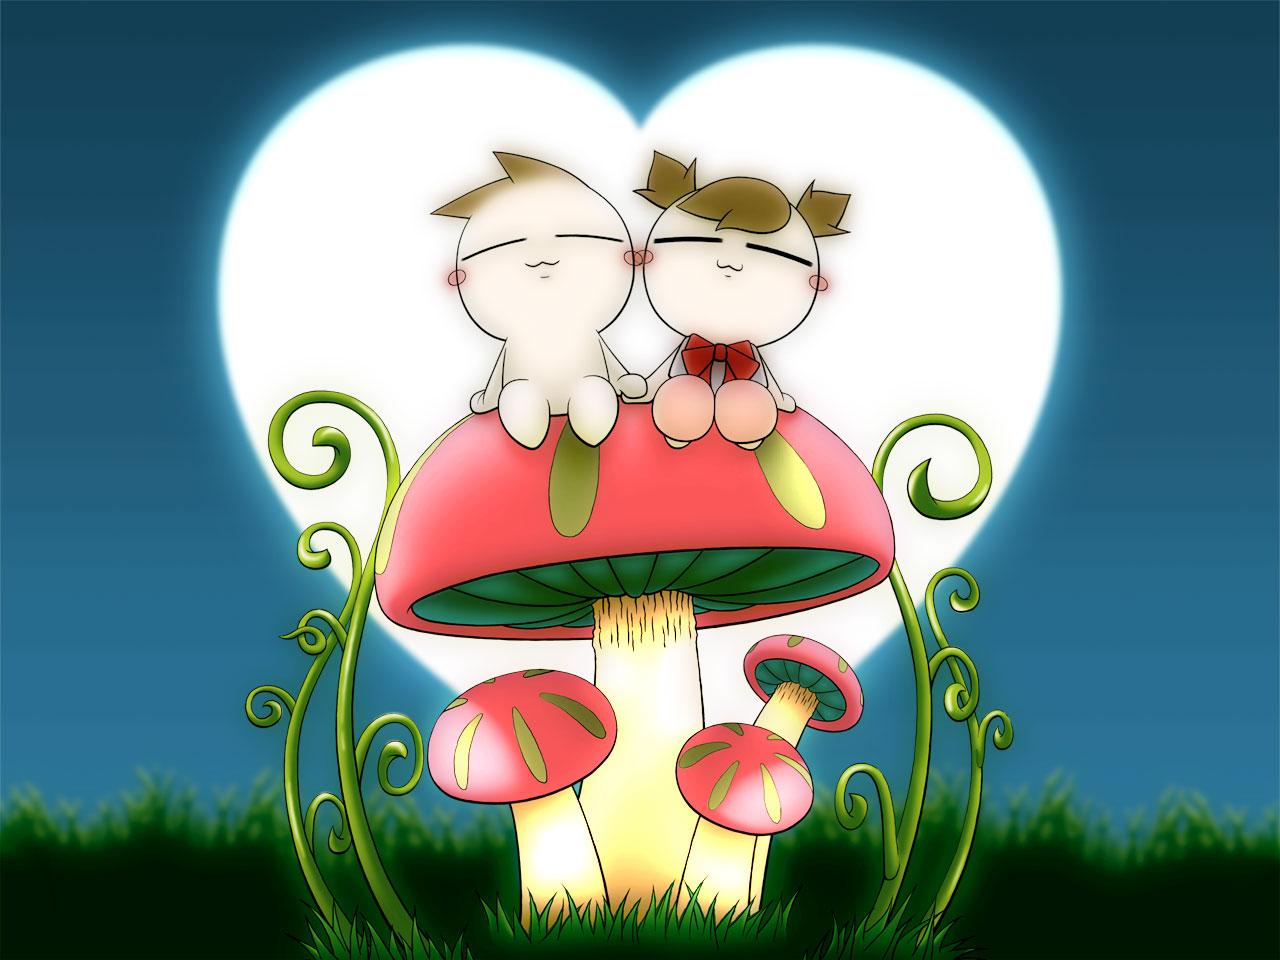 Những tấm hình ảnh động cực cute trong tình yêu